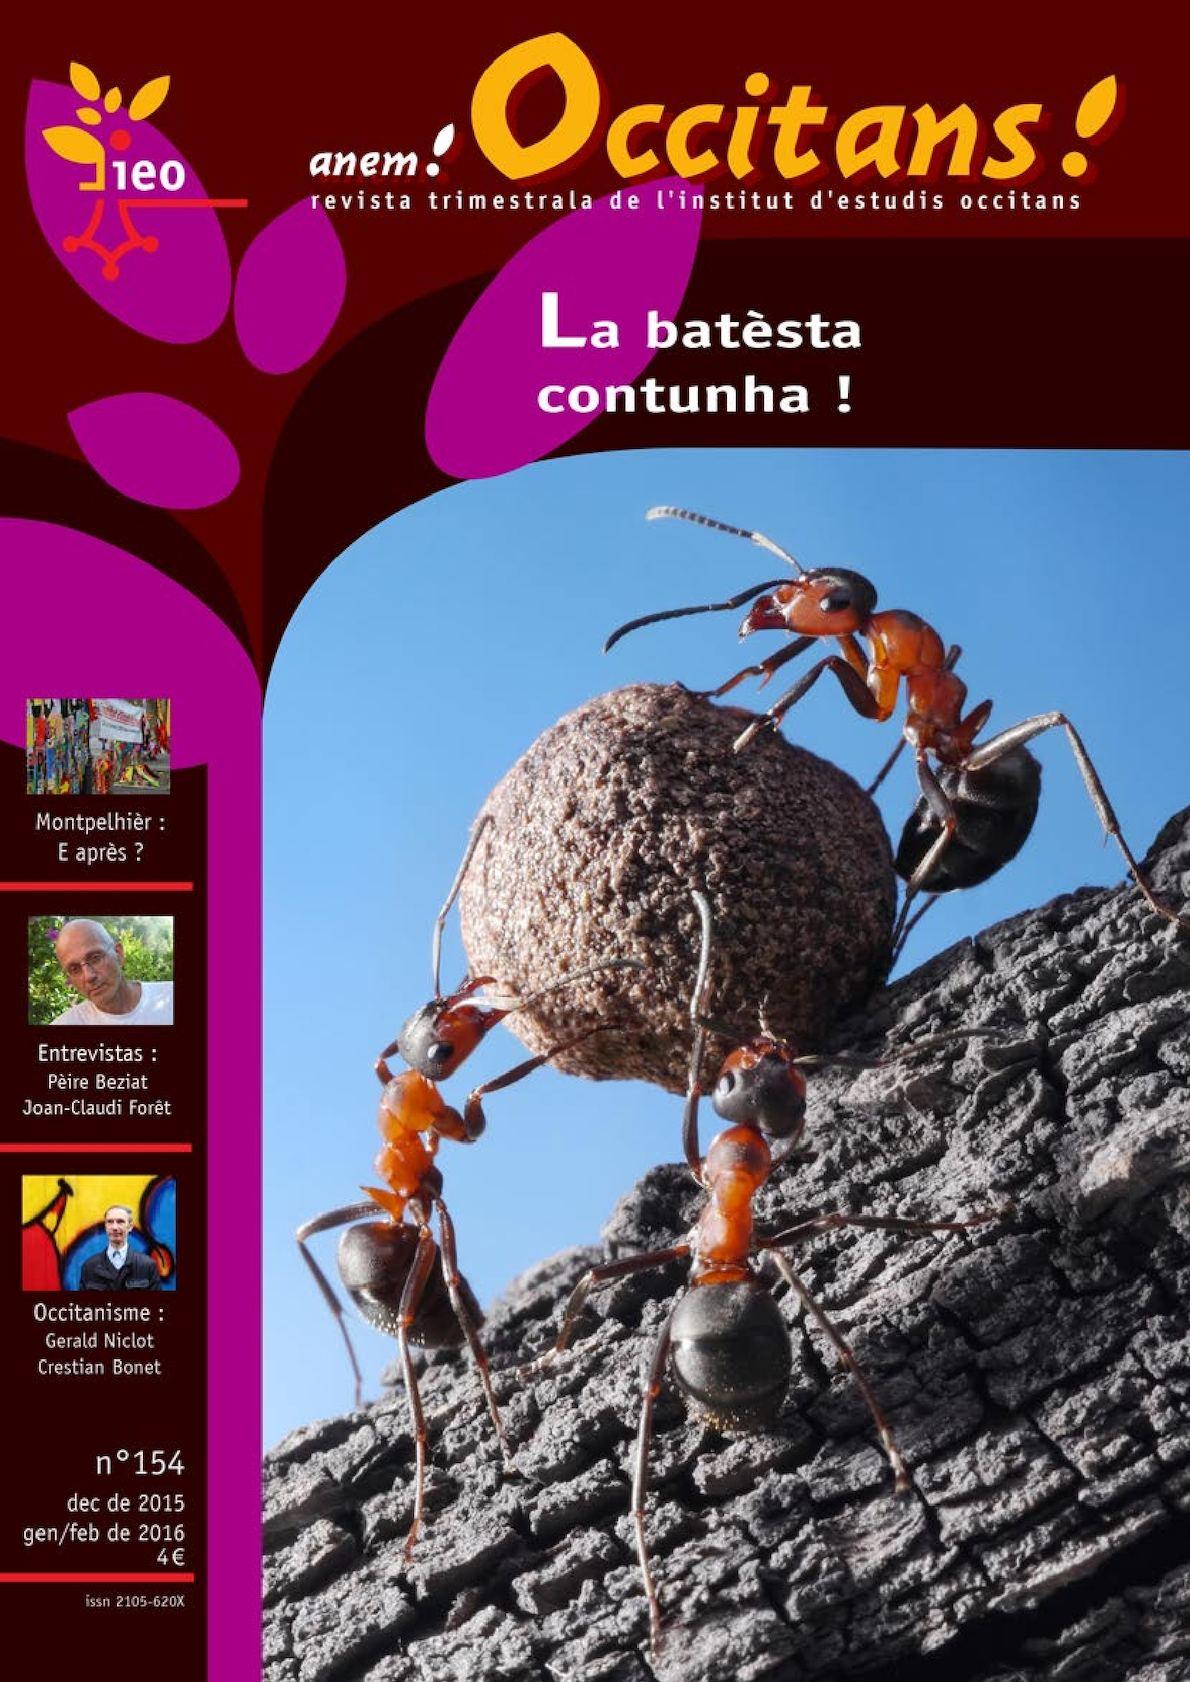 Anem Occitans N°154, la revue de l'IEO